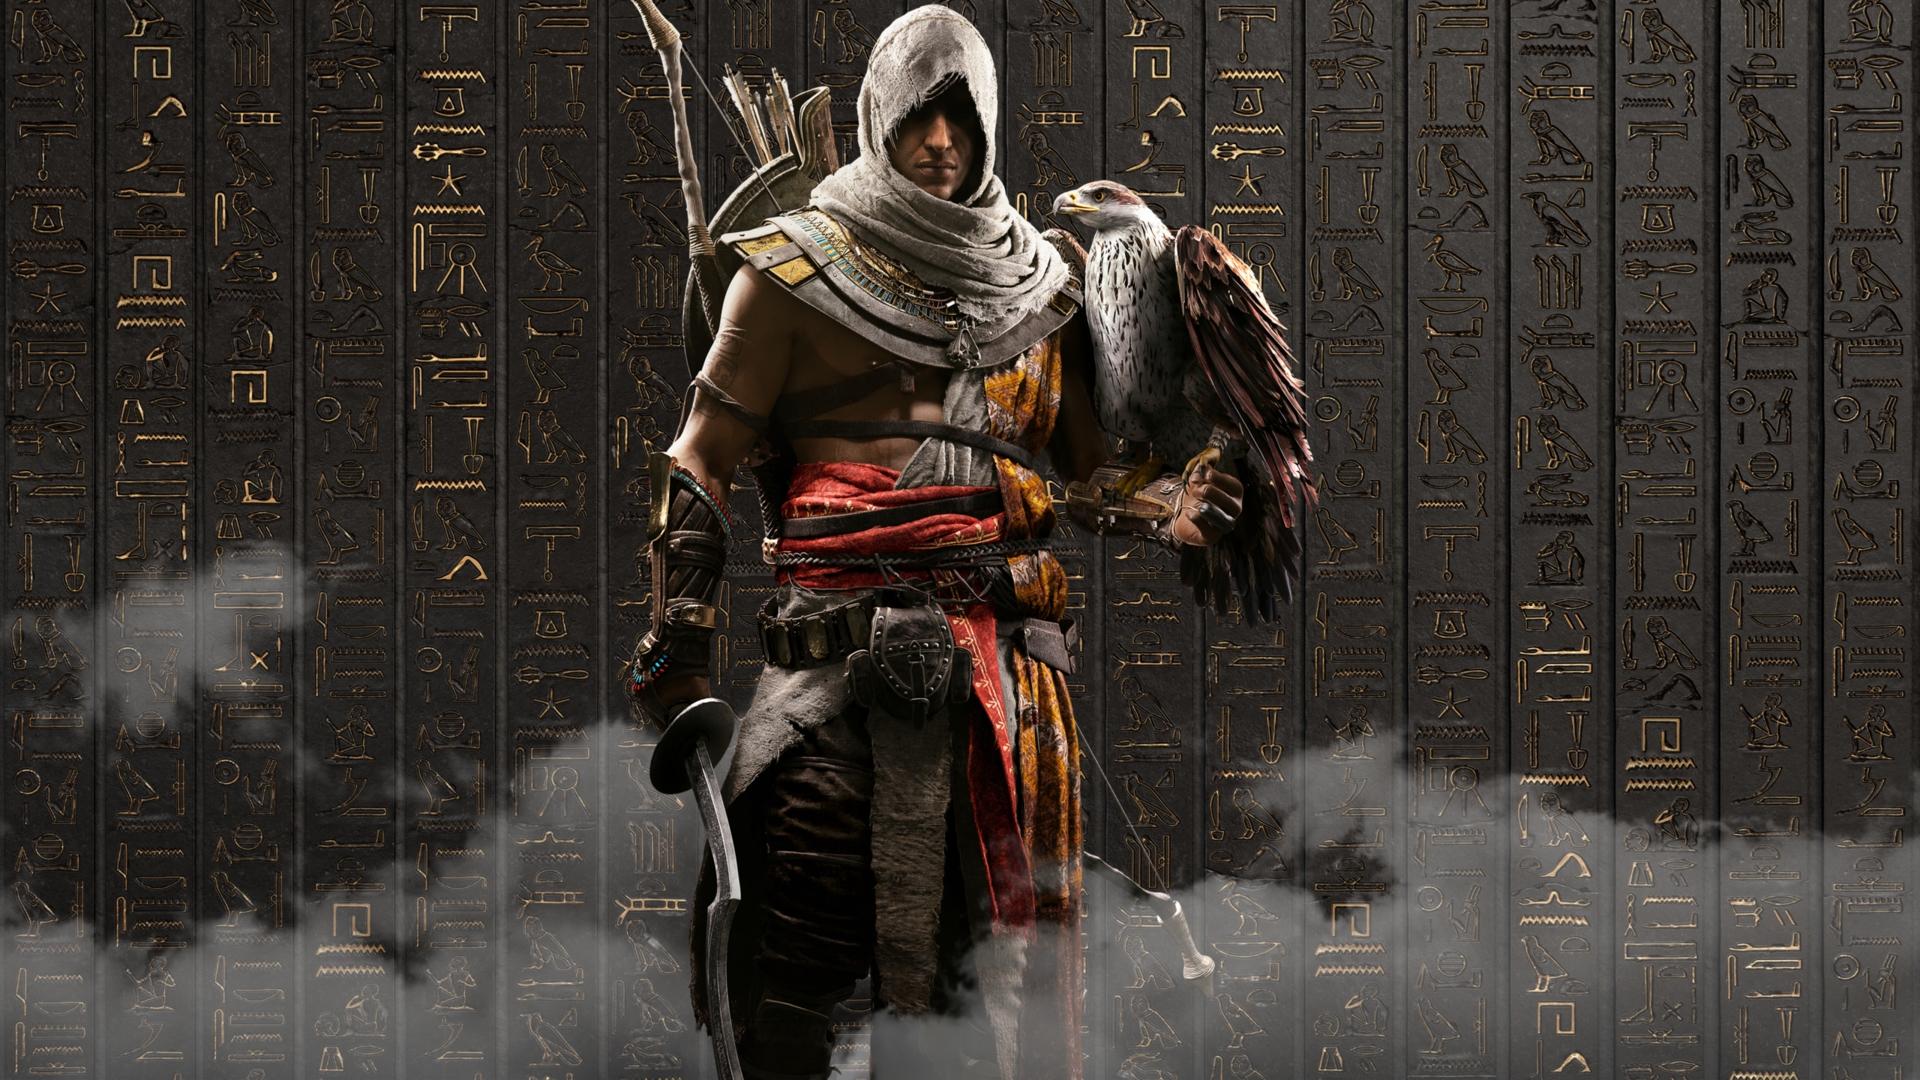 Assassin's Creed Origins HD Wallpaper